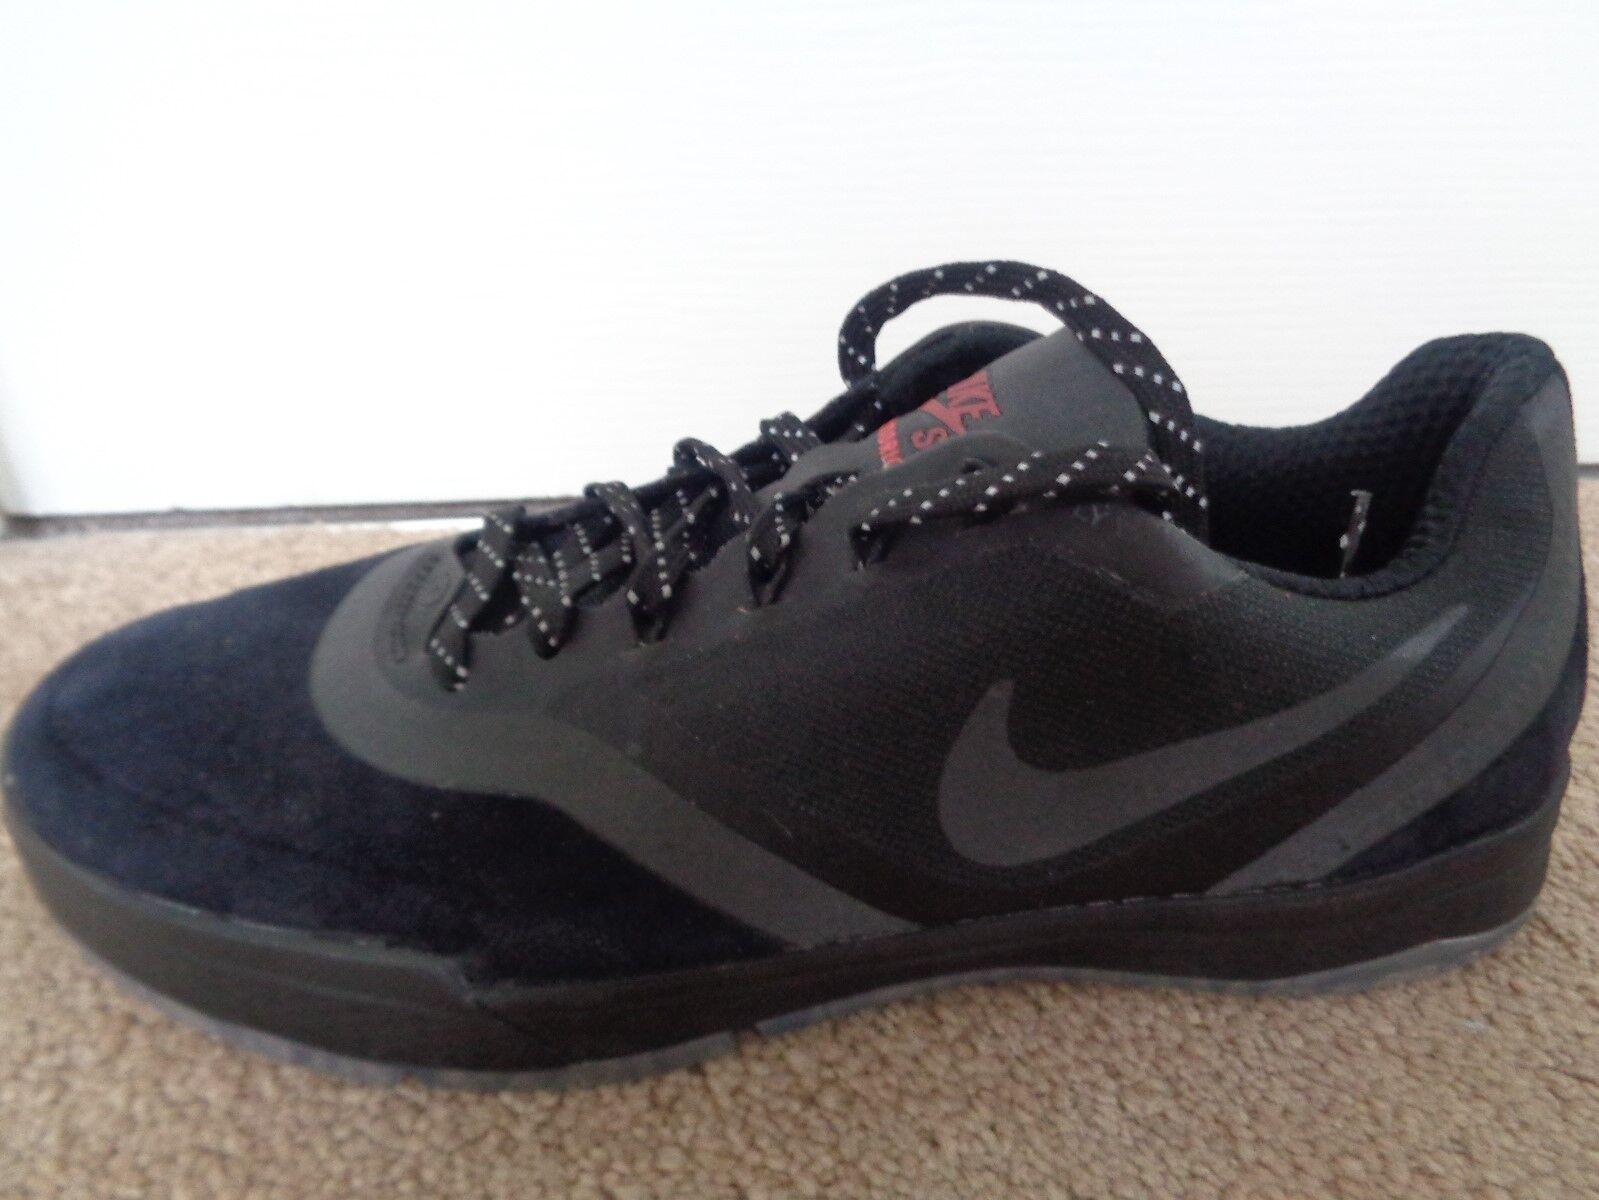 Nike Paul Rodriguez 9 006 Elite Flash trainers 814801 006 9 uk 7 eu 41 us 8 NEW+BOX af9c49